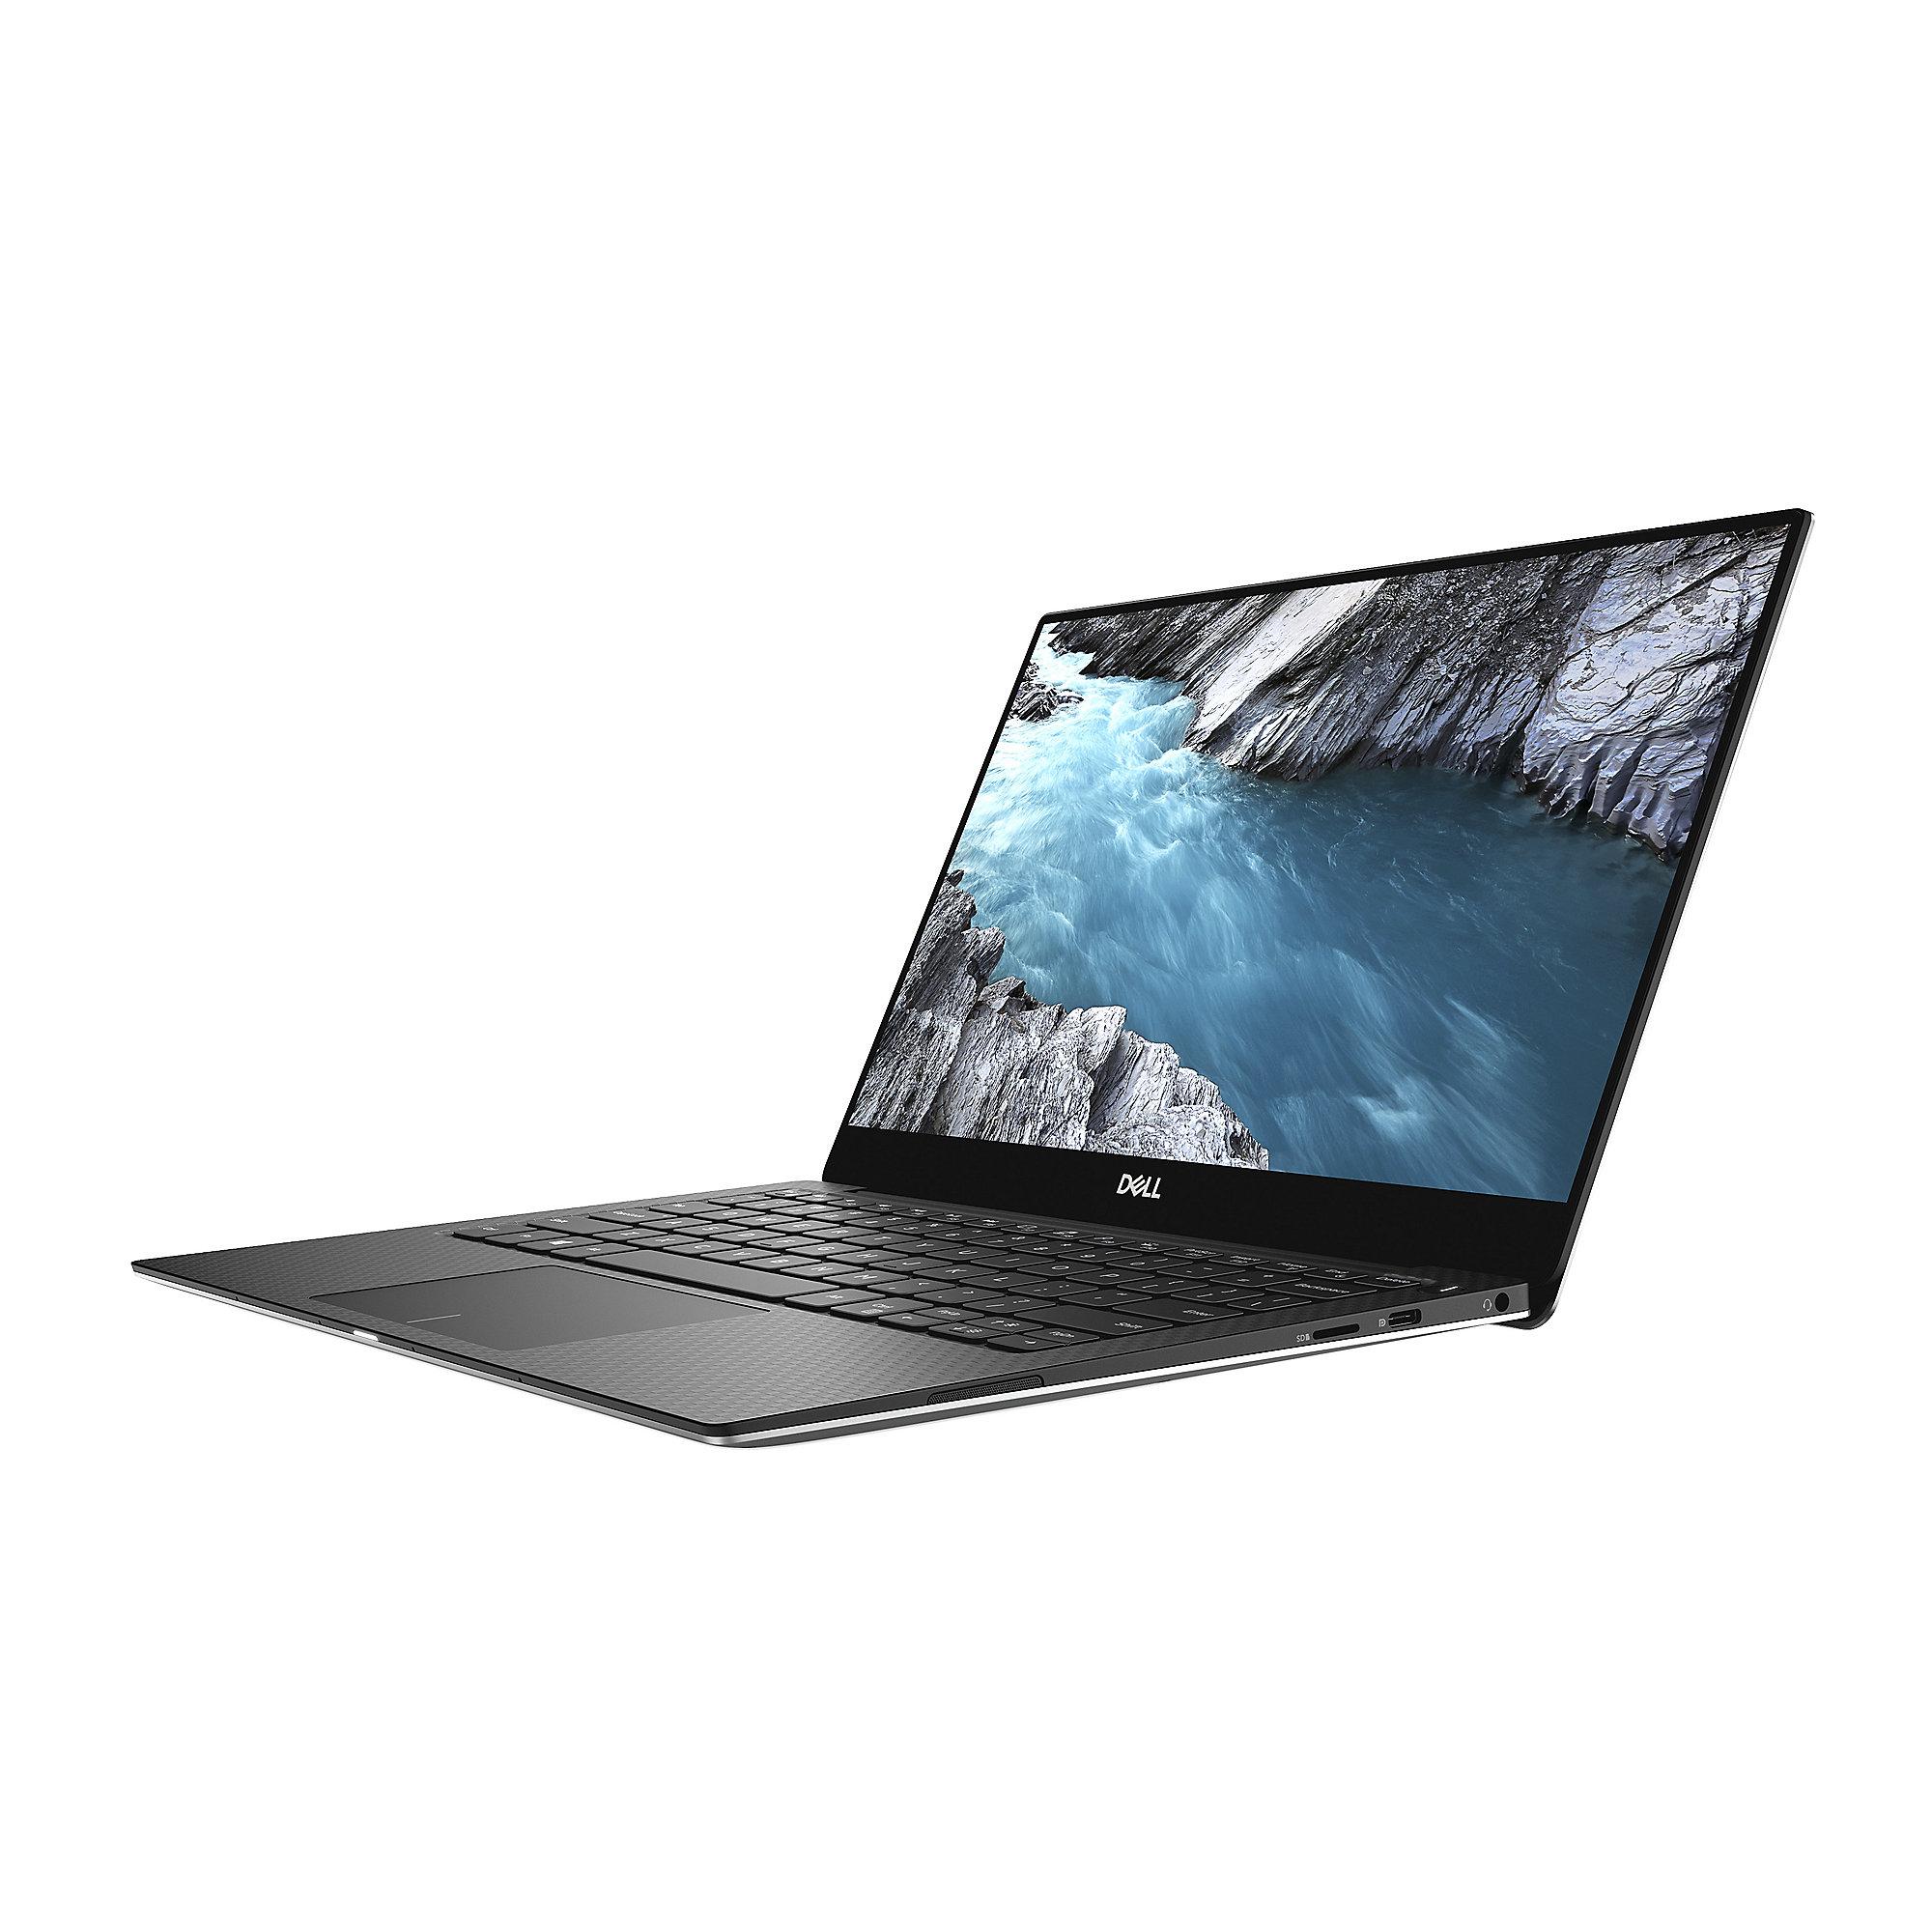 """Dell XPS 13-9370 2018 - Core i7-8550U, 16GB RAM, 512GB SSD, 13,3"""" Full-HD, Win 10 Pro, 1,2kg"""